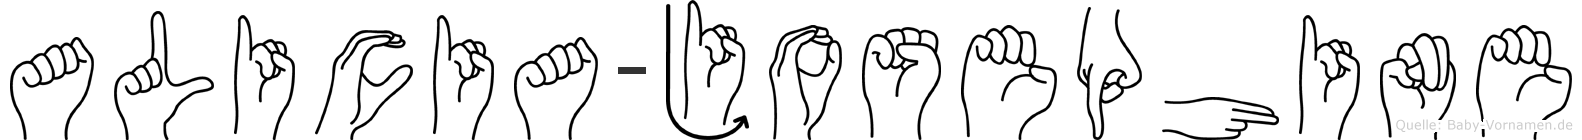 Alicia-Josephine im Fingeralphabet der Deutschen Gebärdensprache